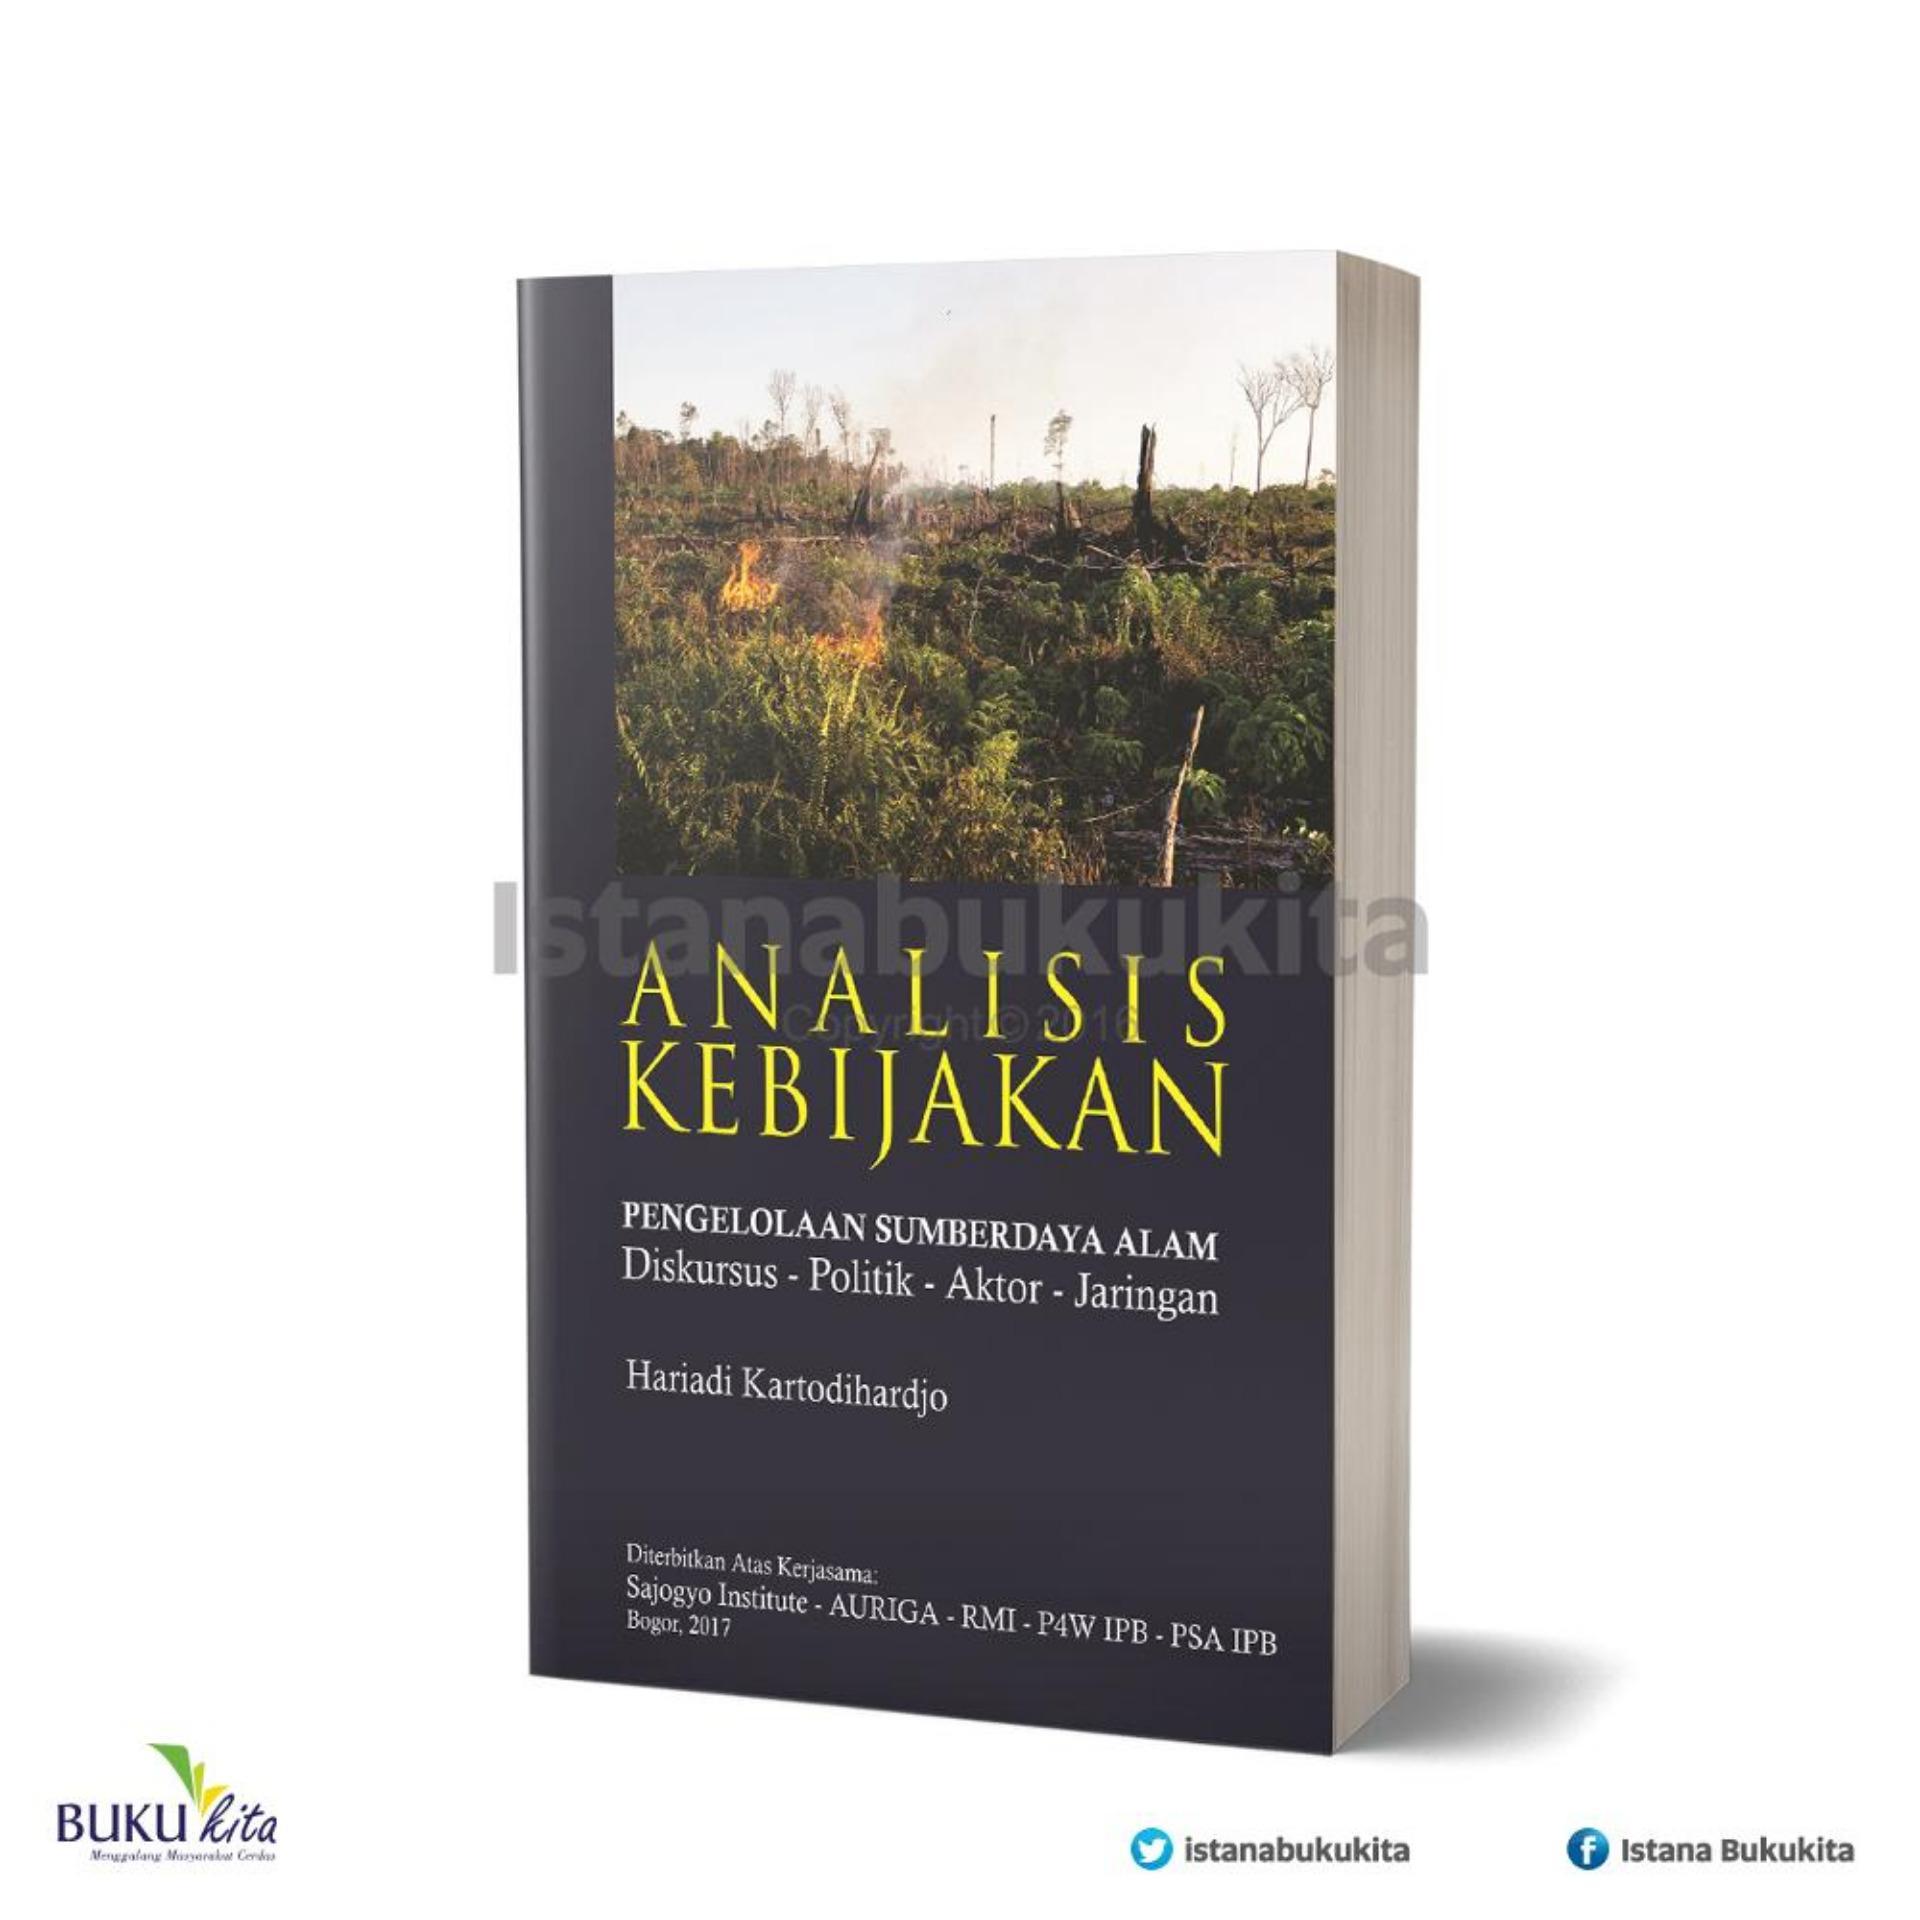 Pencarian Termurah Analisis Kebijakan Pengelolaan Sumberdaya Alam harga penawaran - Hanya Rp82.200